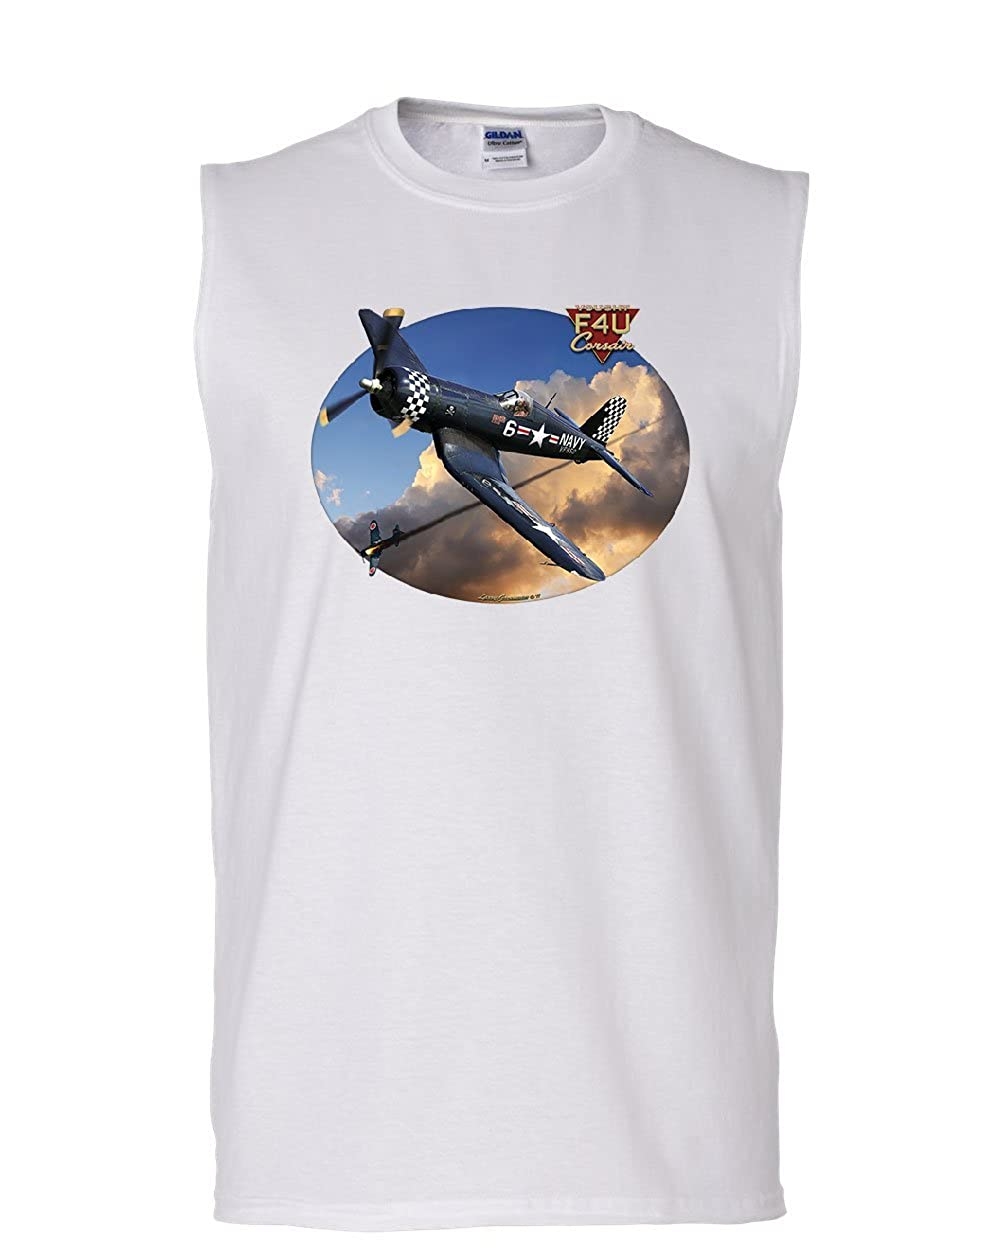 Tee Hunt Chance Vought F4U Corsair Muscle Shirt American Fighter Aircraft WW2 Sleeveless